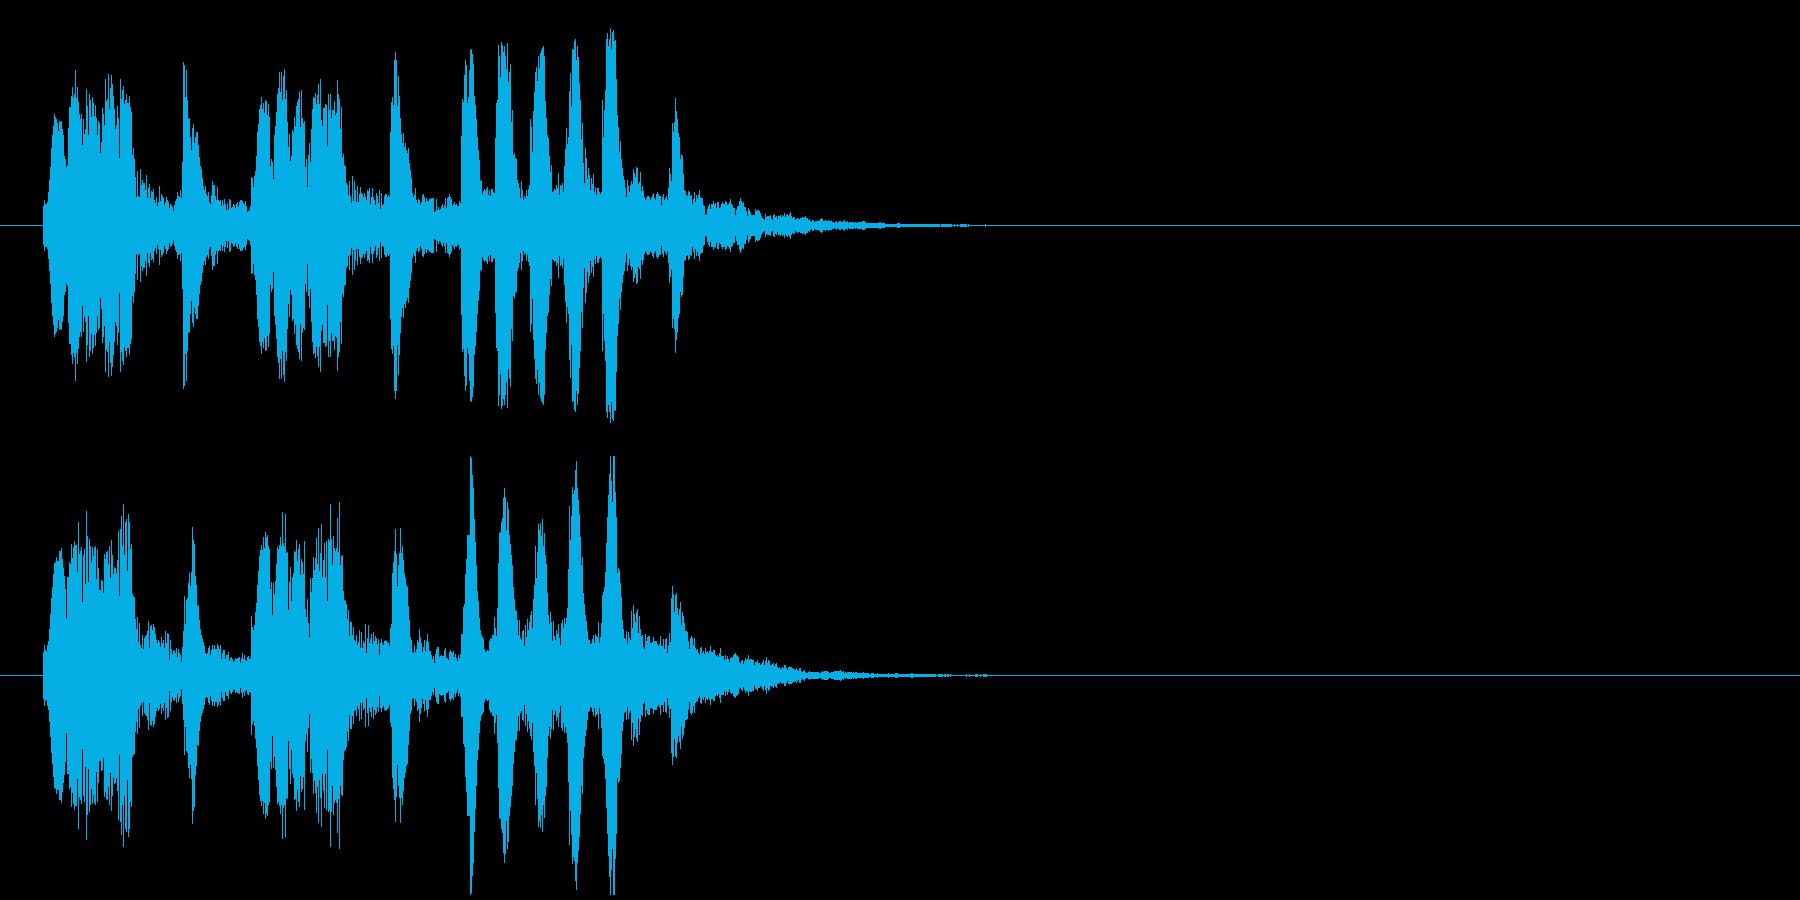 クイズ ほのぼの メルヘン コミカルの再生済みの波形